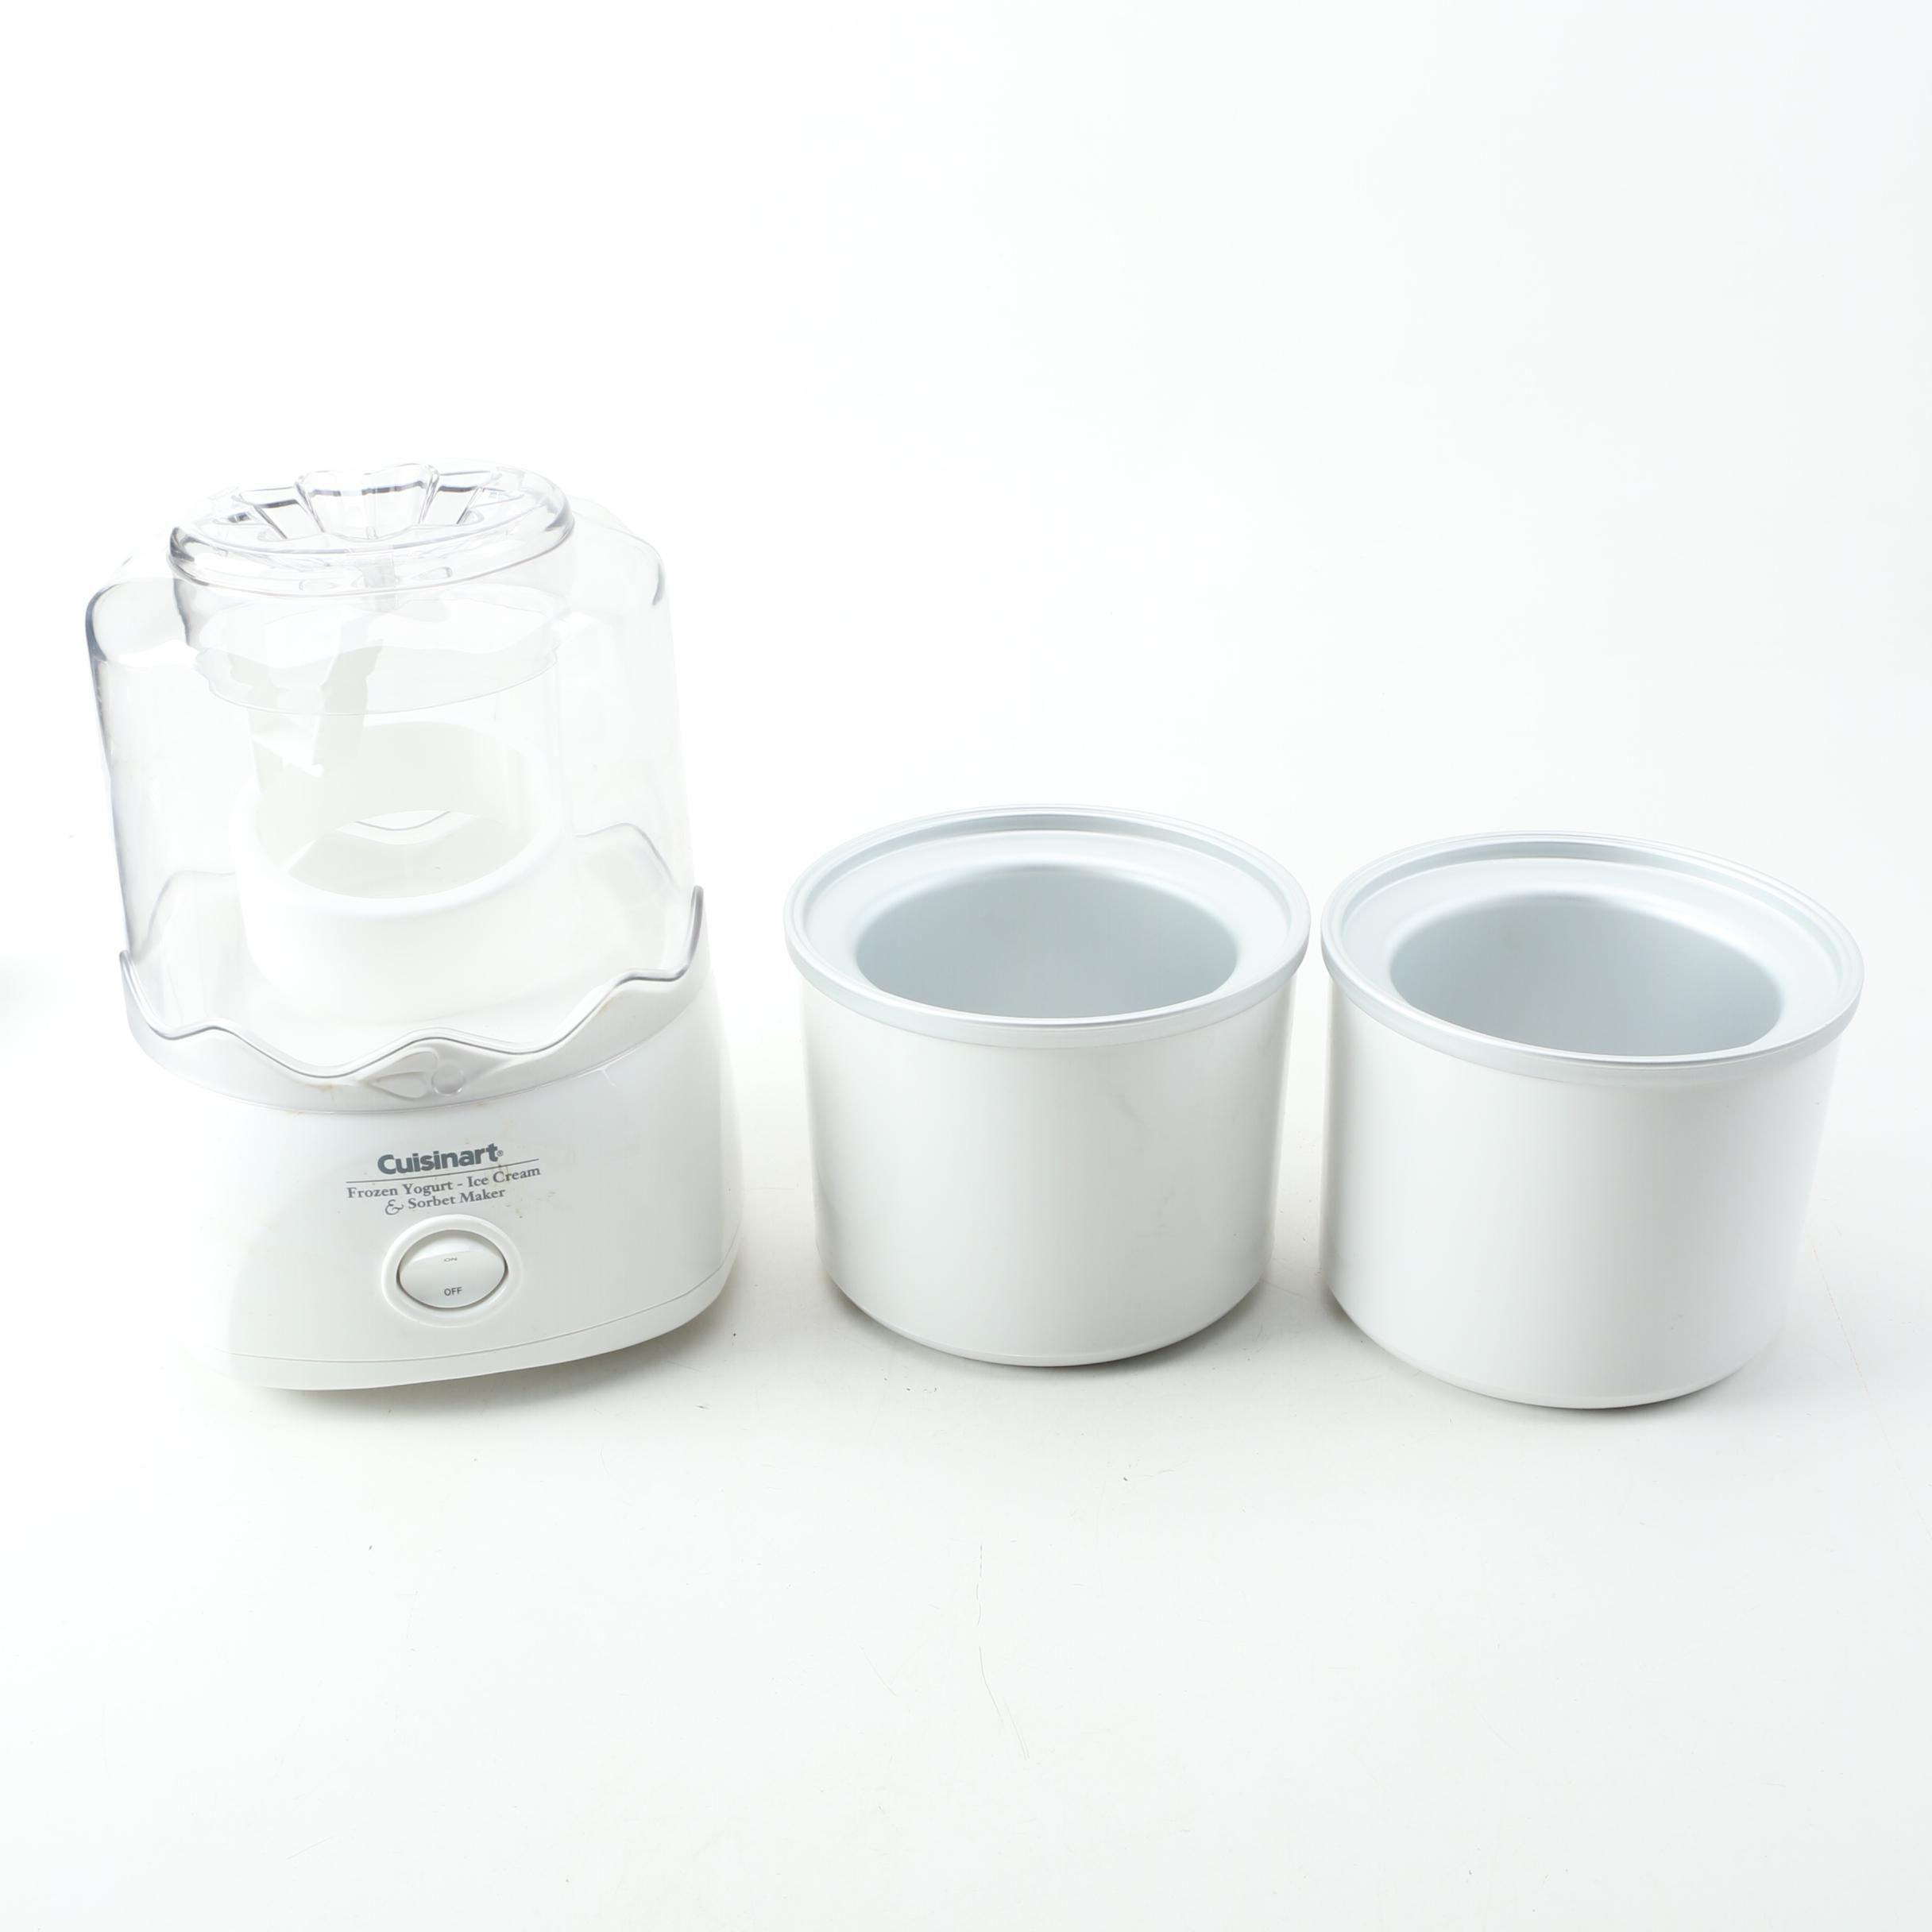 Cuisinart Frozen Yogurt Ice, Cream & Sorbet Maker